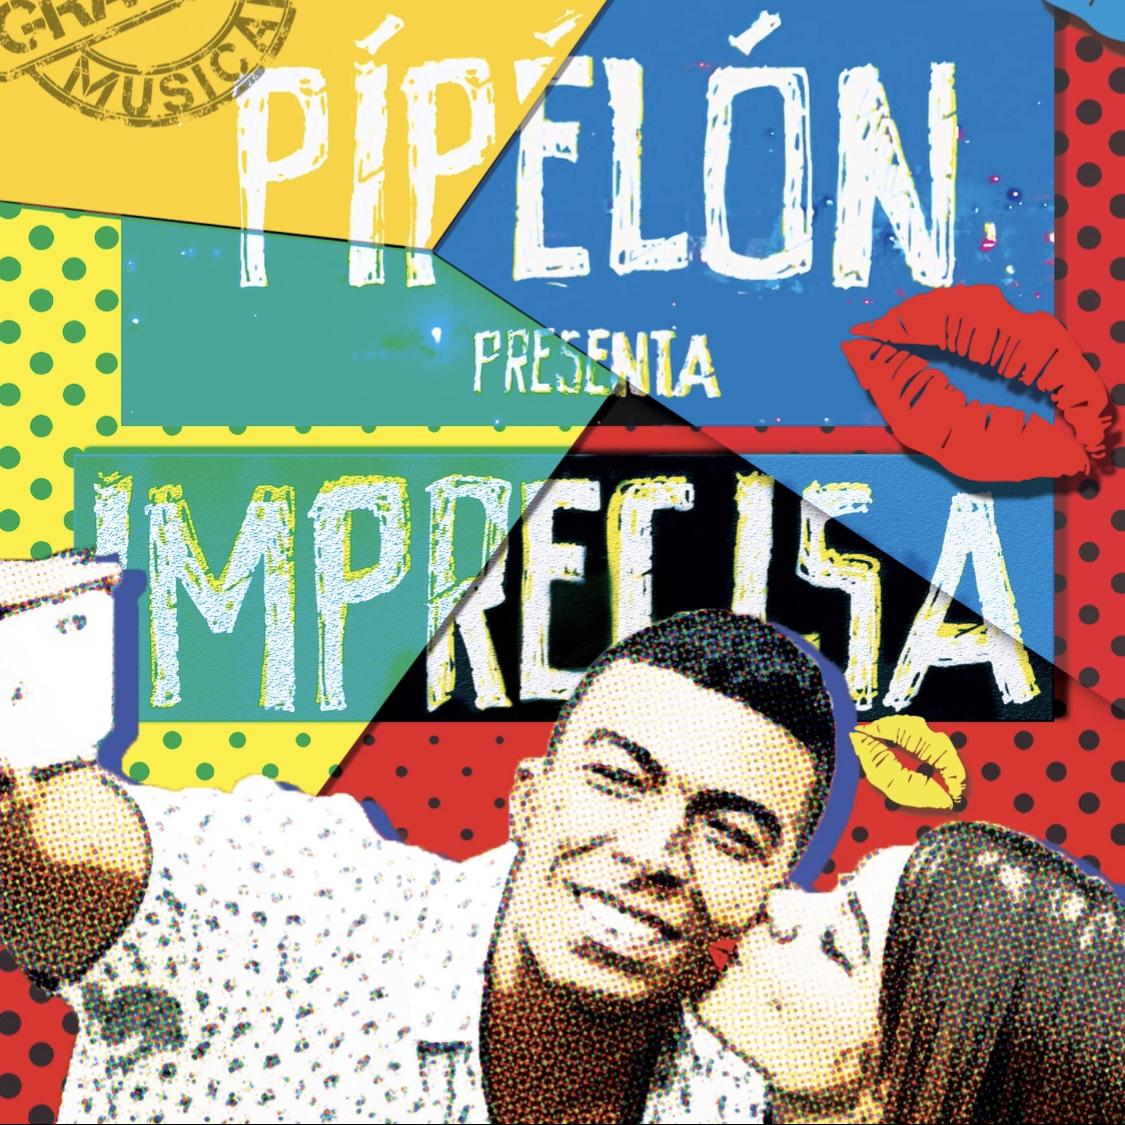 """PÍPÉLÓN presenta su lanzamiento musical """"La Imprecisa"""""""